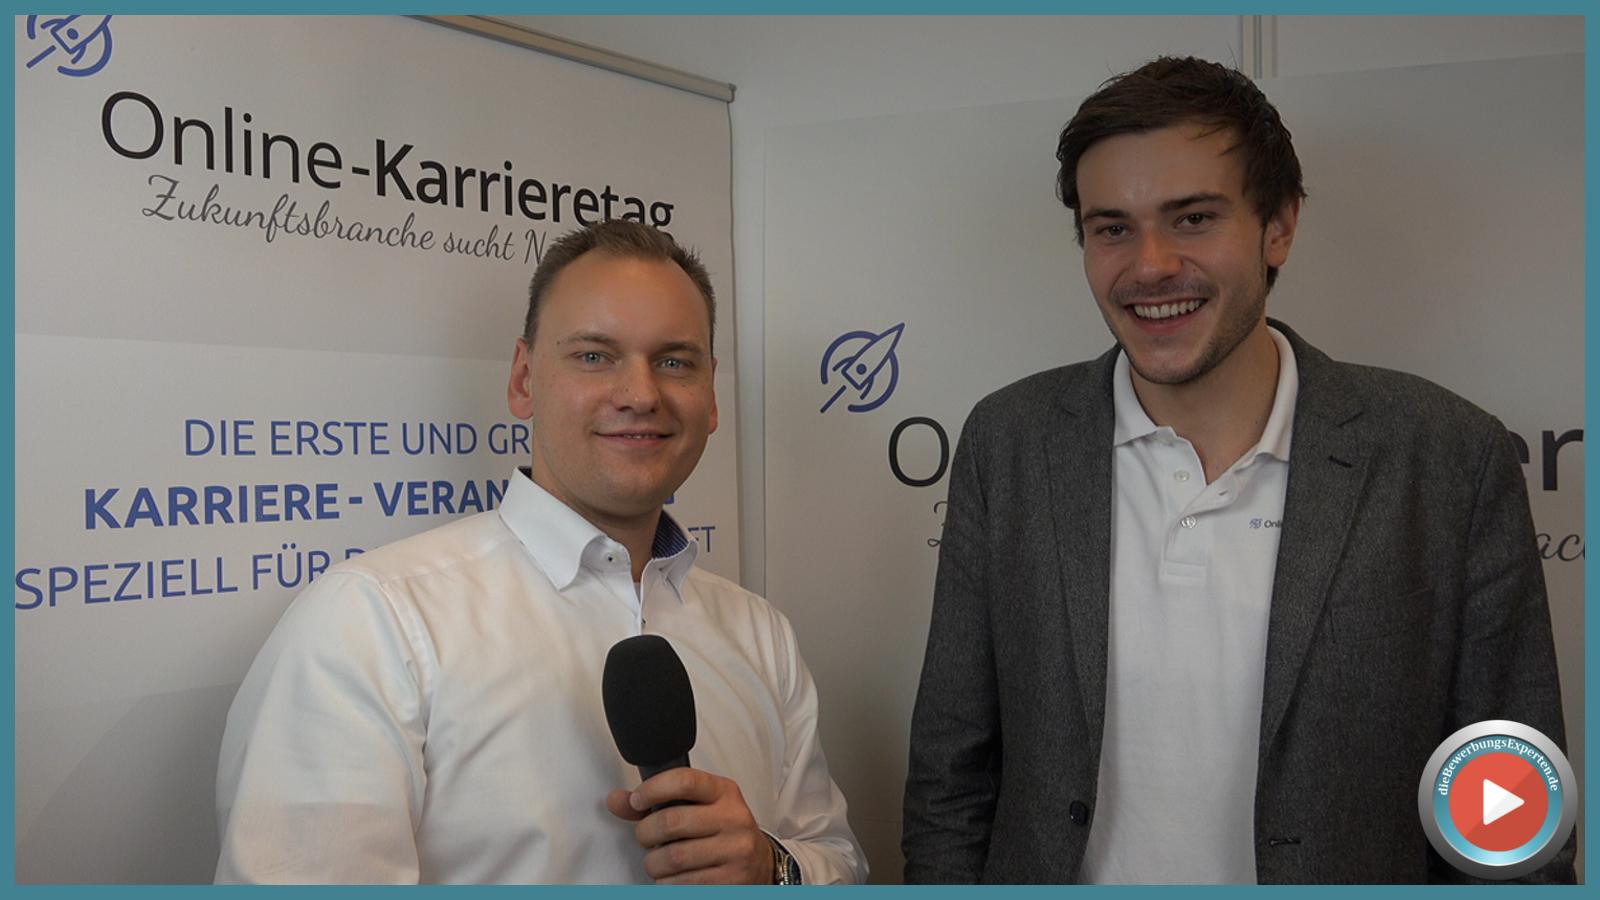 Mit-Veranstalter Marc Stahlmann vom Online-Karrieretag und Michael Karasjew von dieBewerbungsExperten.de bei guter Laune im Gespräch.